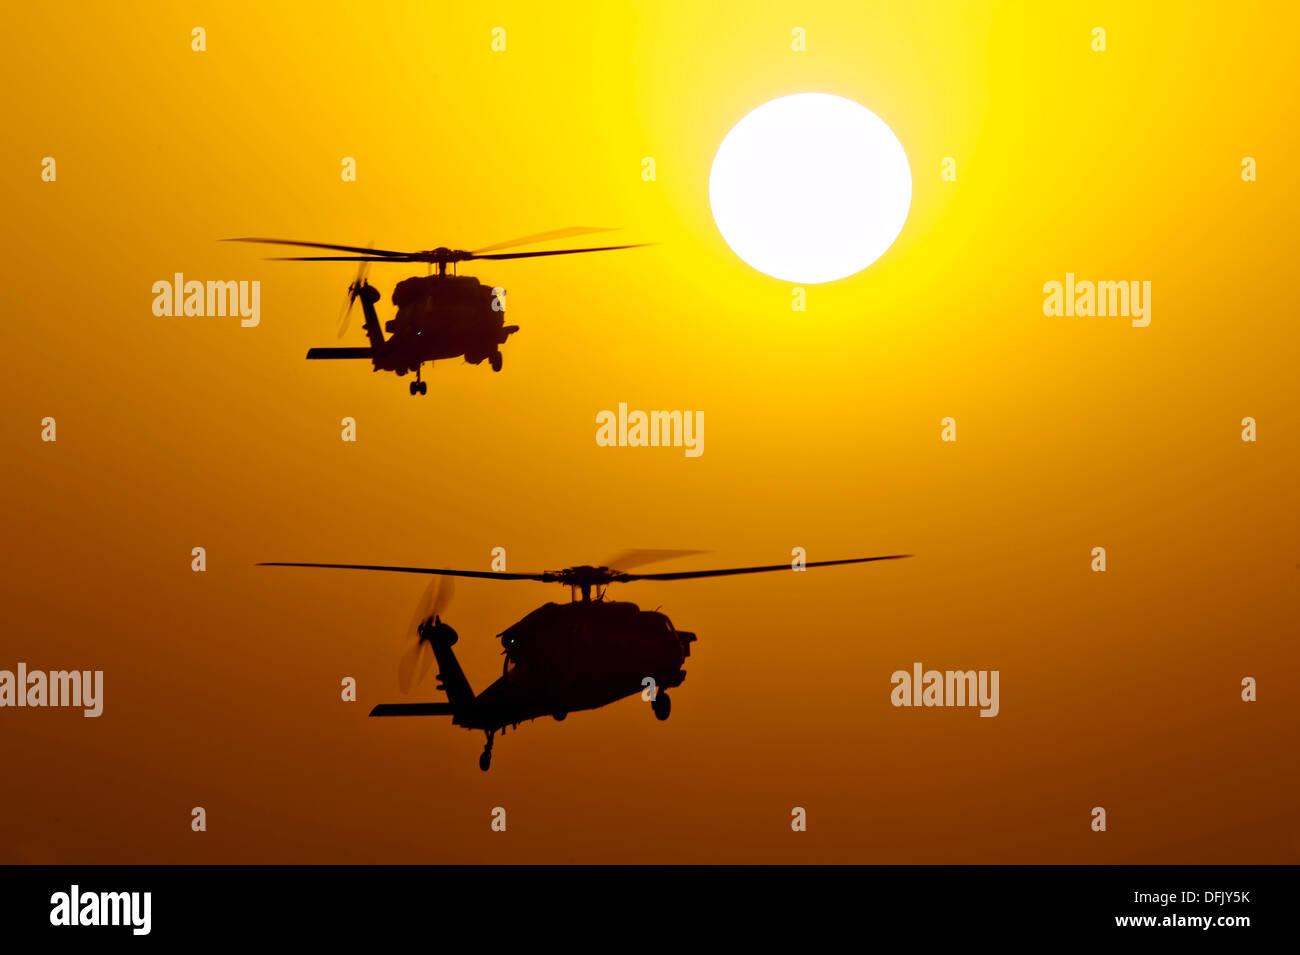 US Navy hélicoptères MH-60S Knighthawk se profilent par le coucher de soleil qu'ils patrouillent près du porte-avions USS Harry S. Truman le 3 octobre 2013 d'exploitation dans le golfe d'Oman. Banque D'Images